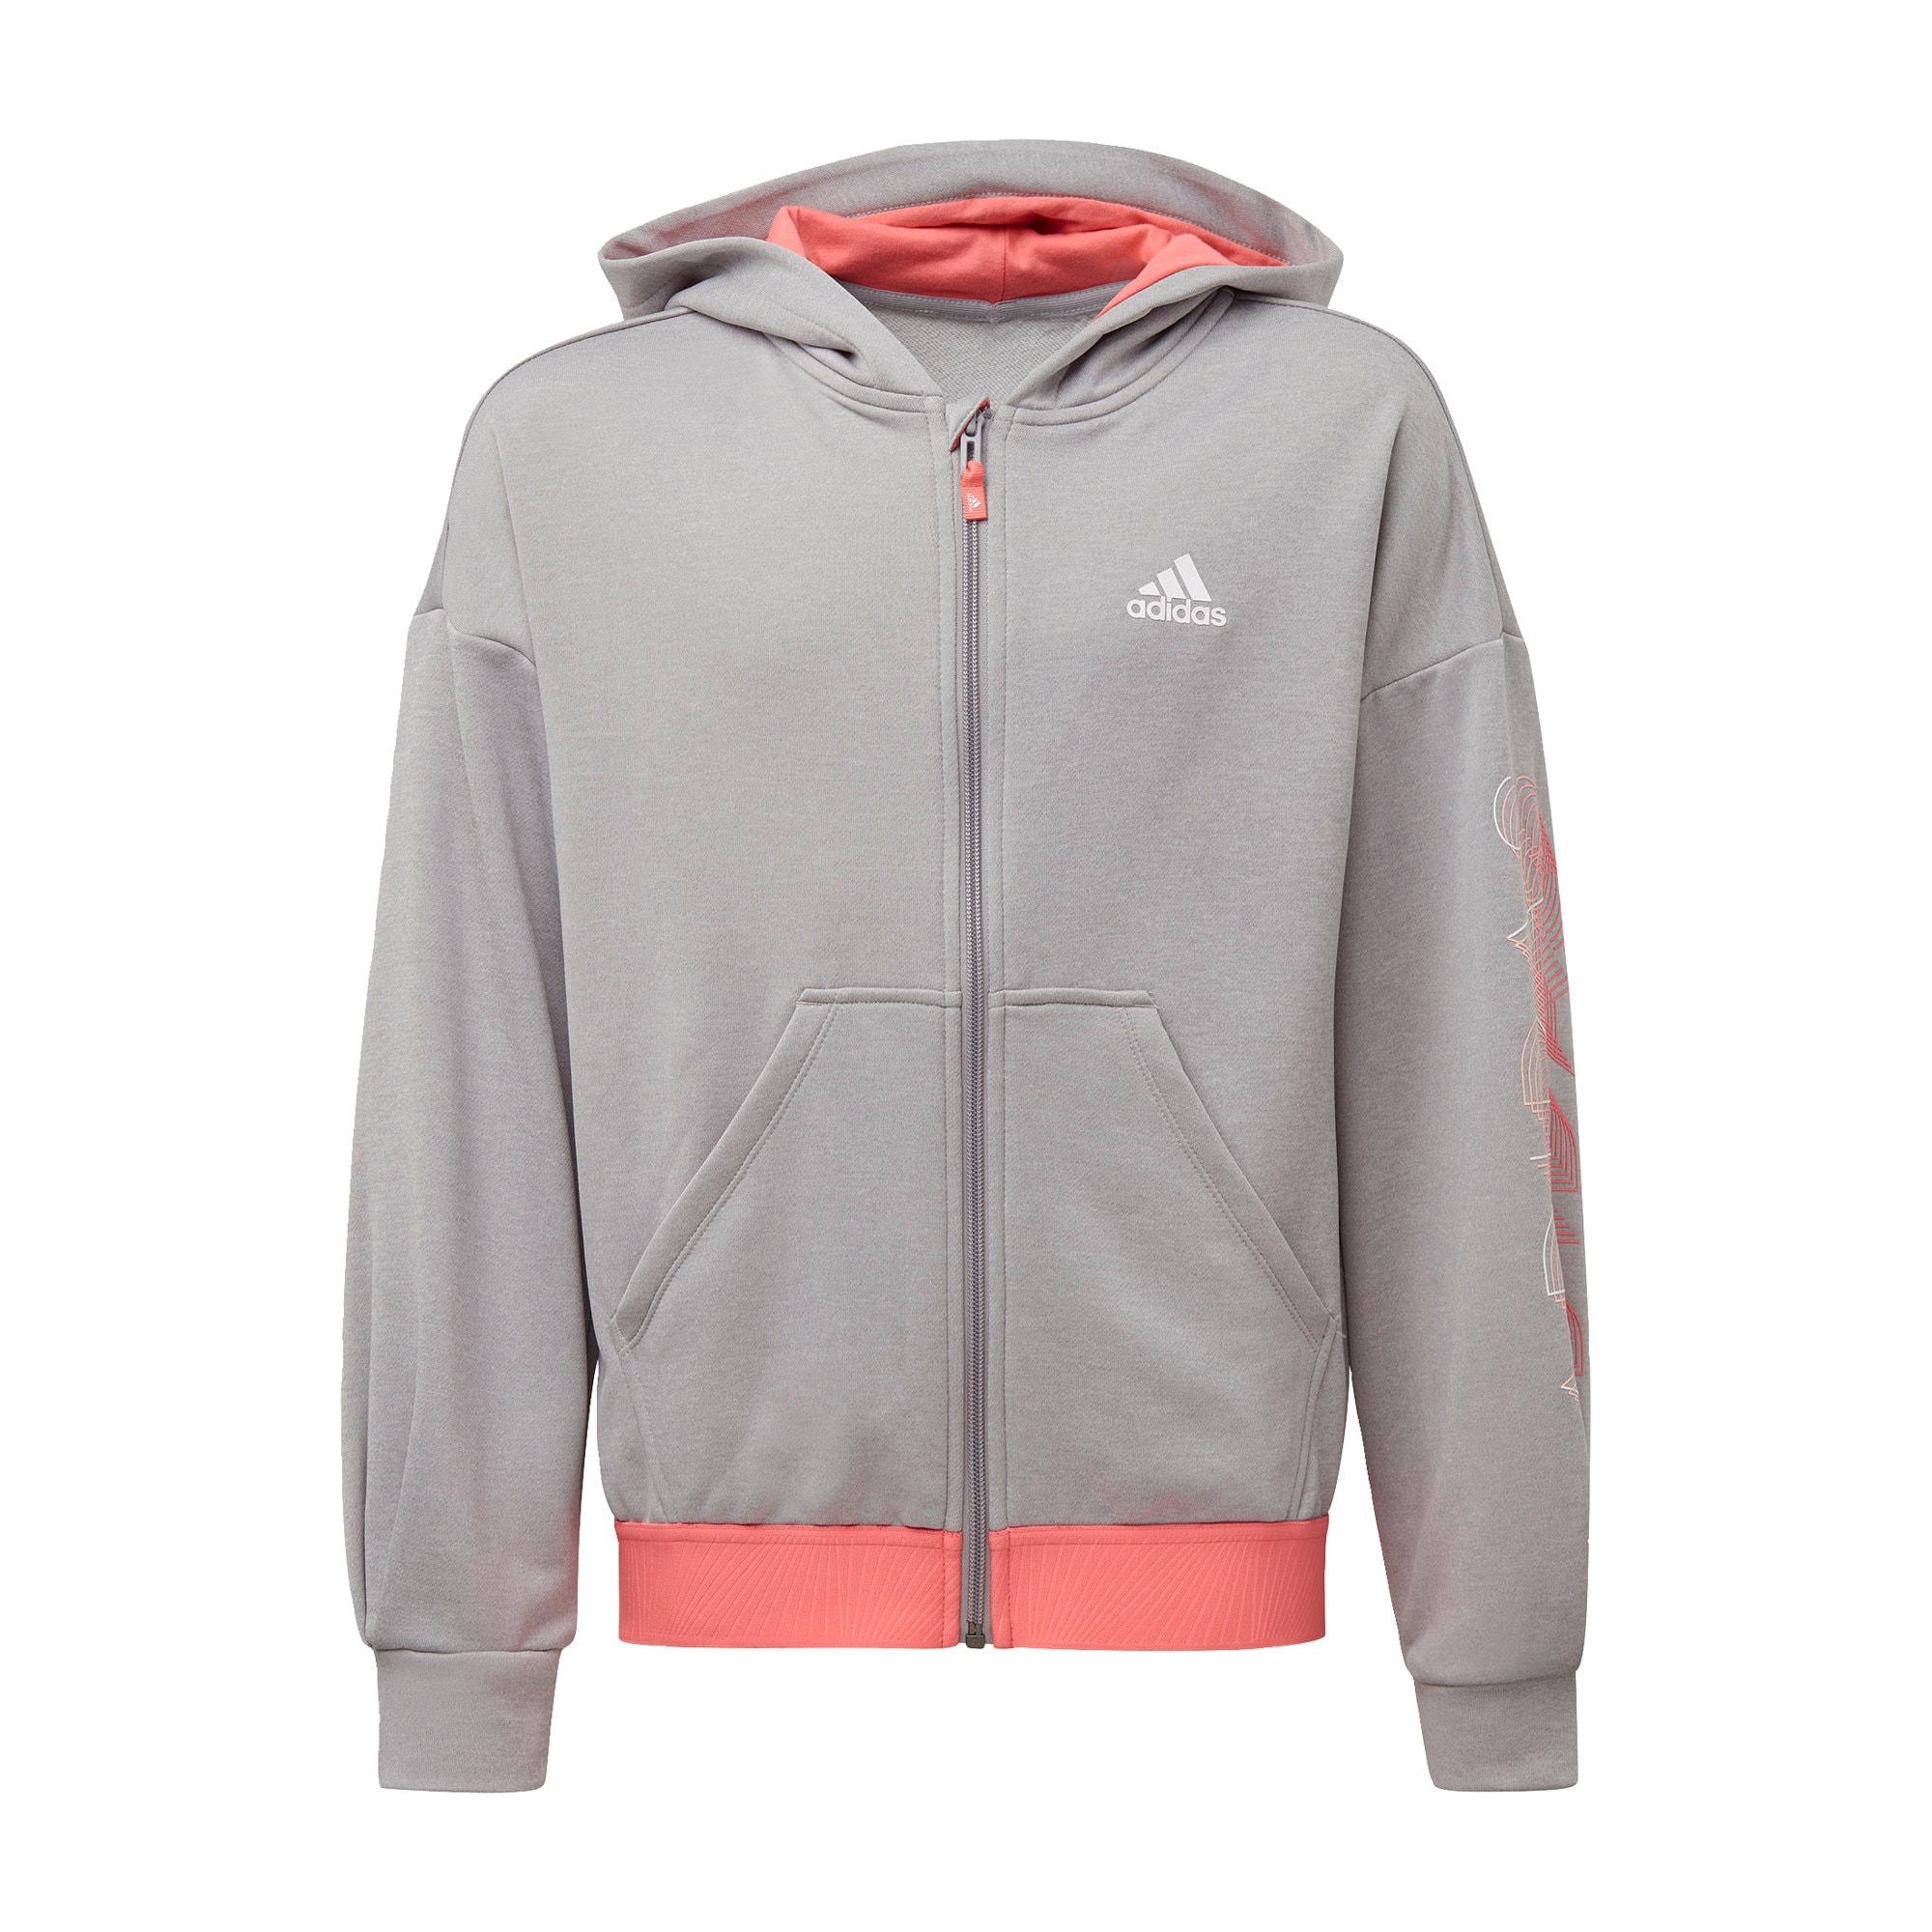 ADIDAS PERFORMANCE Sportinis džemperis omarų spalva / balta / margai pilka